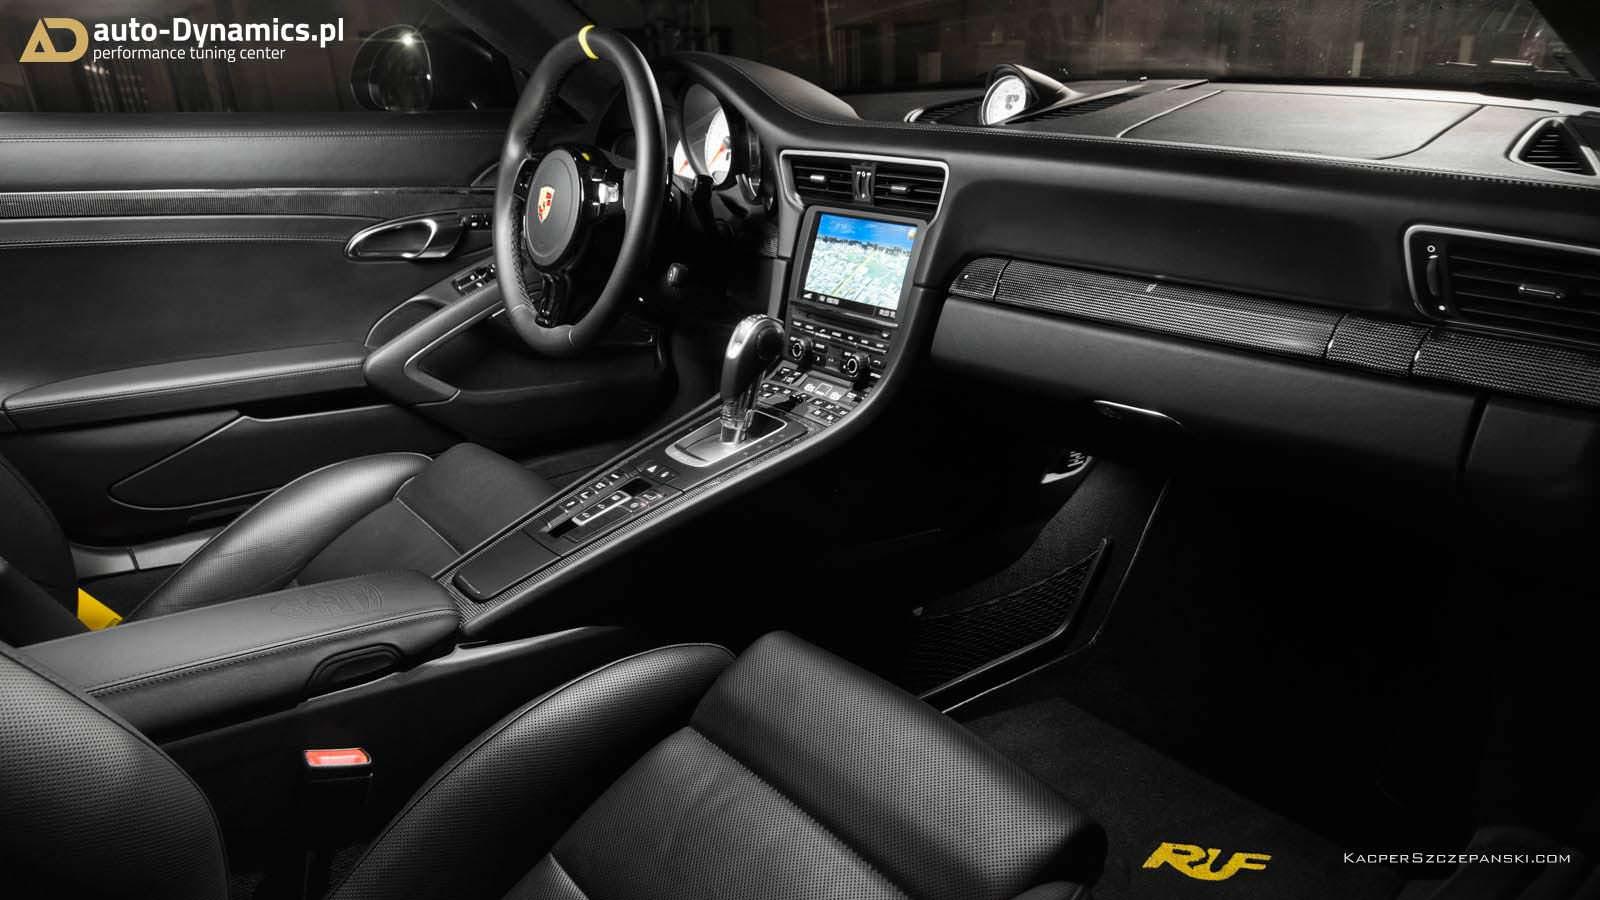 Польское тюнинг-ателье Auto-Dynamics презентовало Порше  911 Turbo S